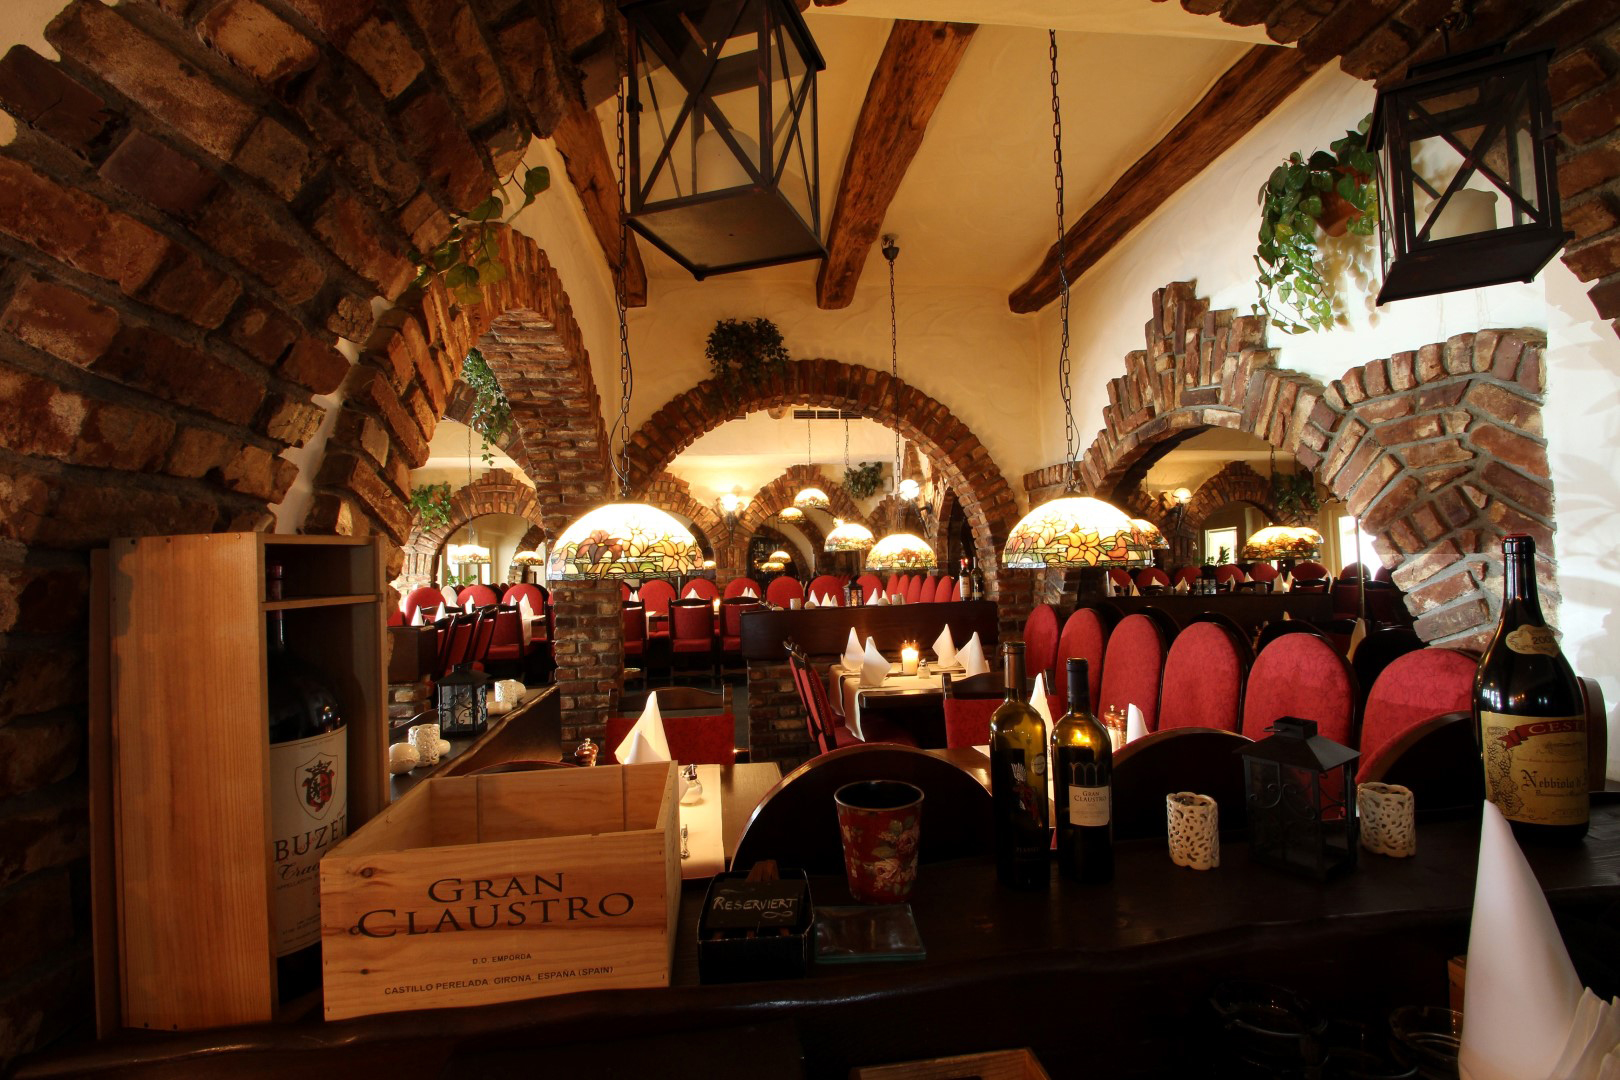 Auf dem Bild ist der Innenbereich vom Restaurant Peperoni zu sehen